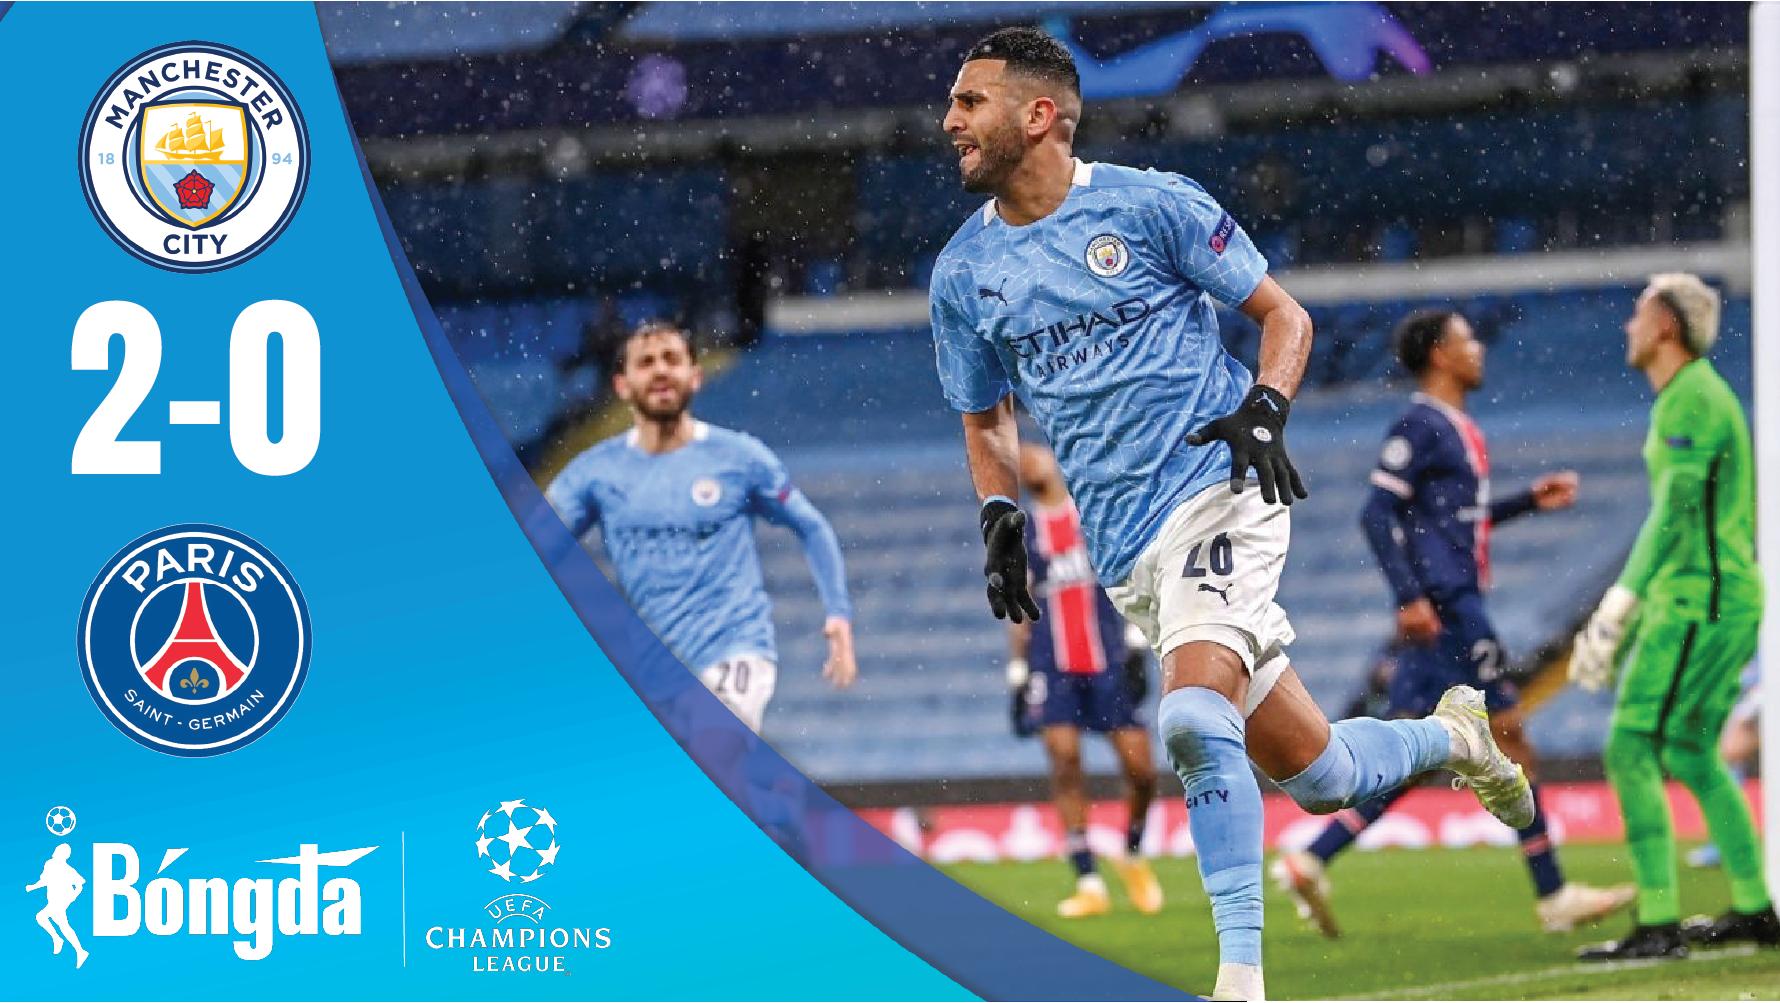 Man City 2-0 PSG: Man City lần đầu vào chung kết Champions League, PSG ngậm ngùi chia tay